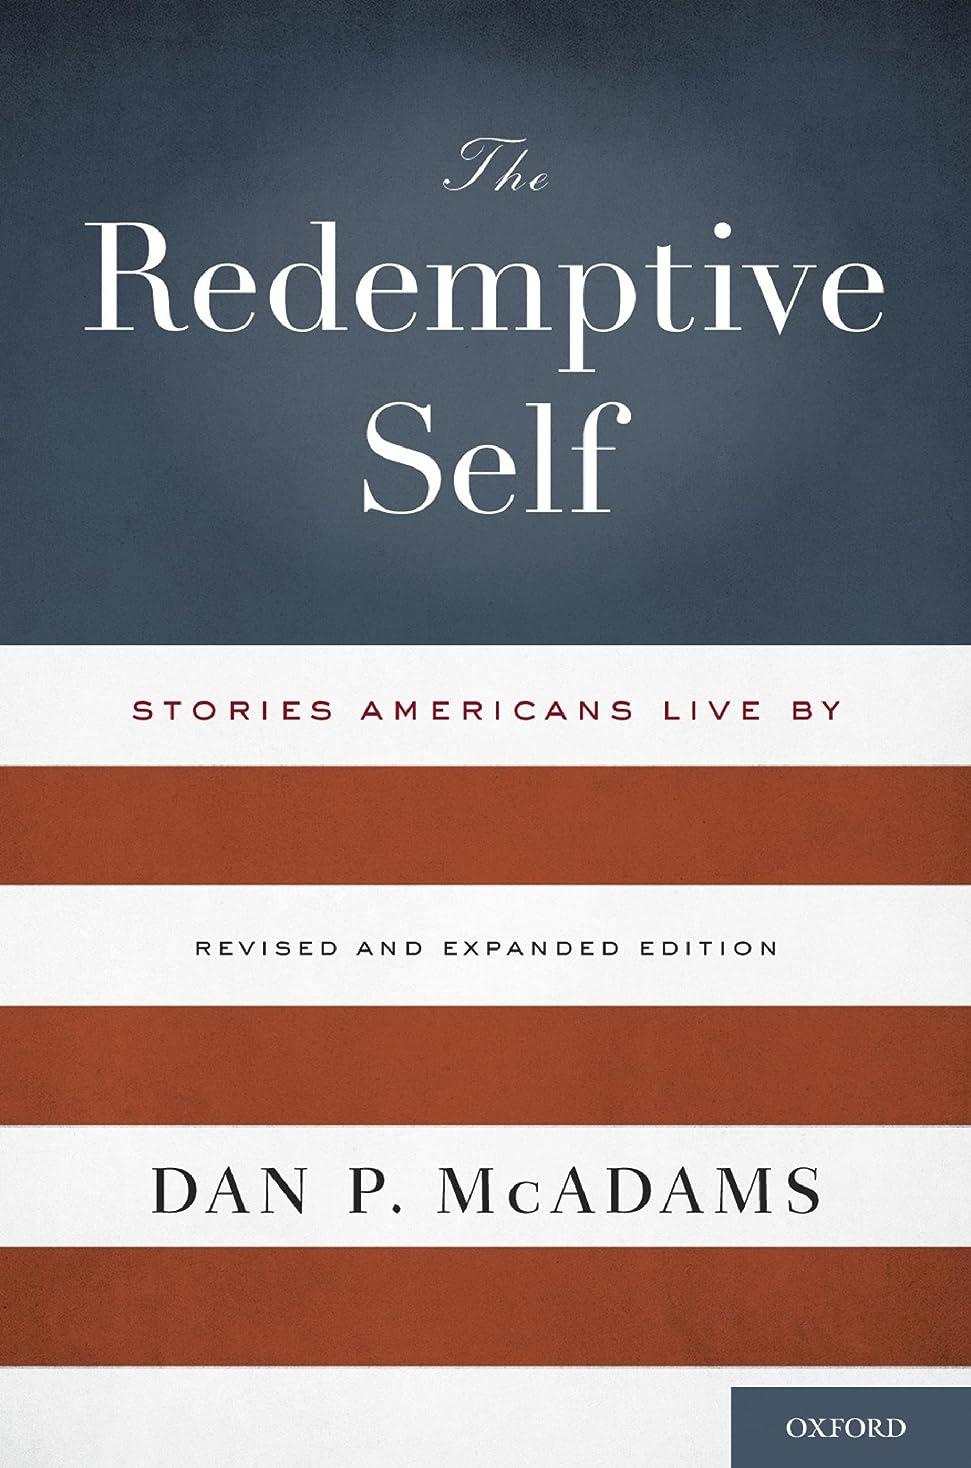 満州できる隙間The Redemptive Self: Stories Americans Live By - Revised and Expanded Edition (English Edition)